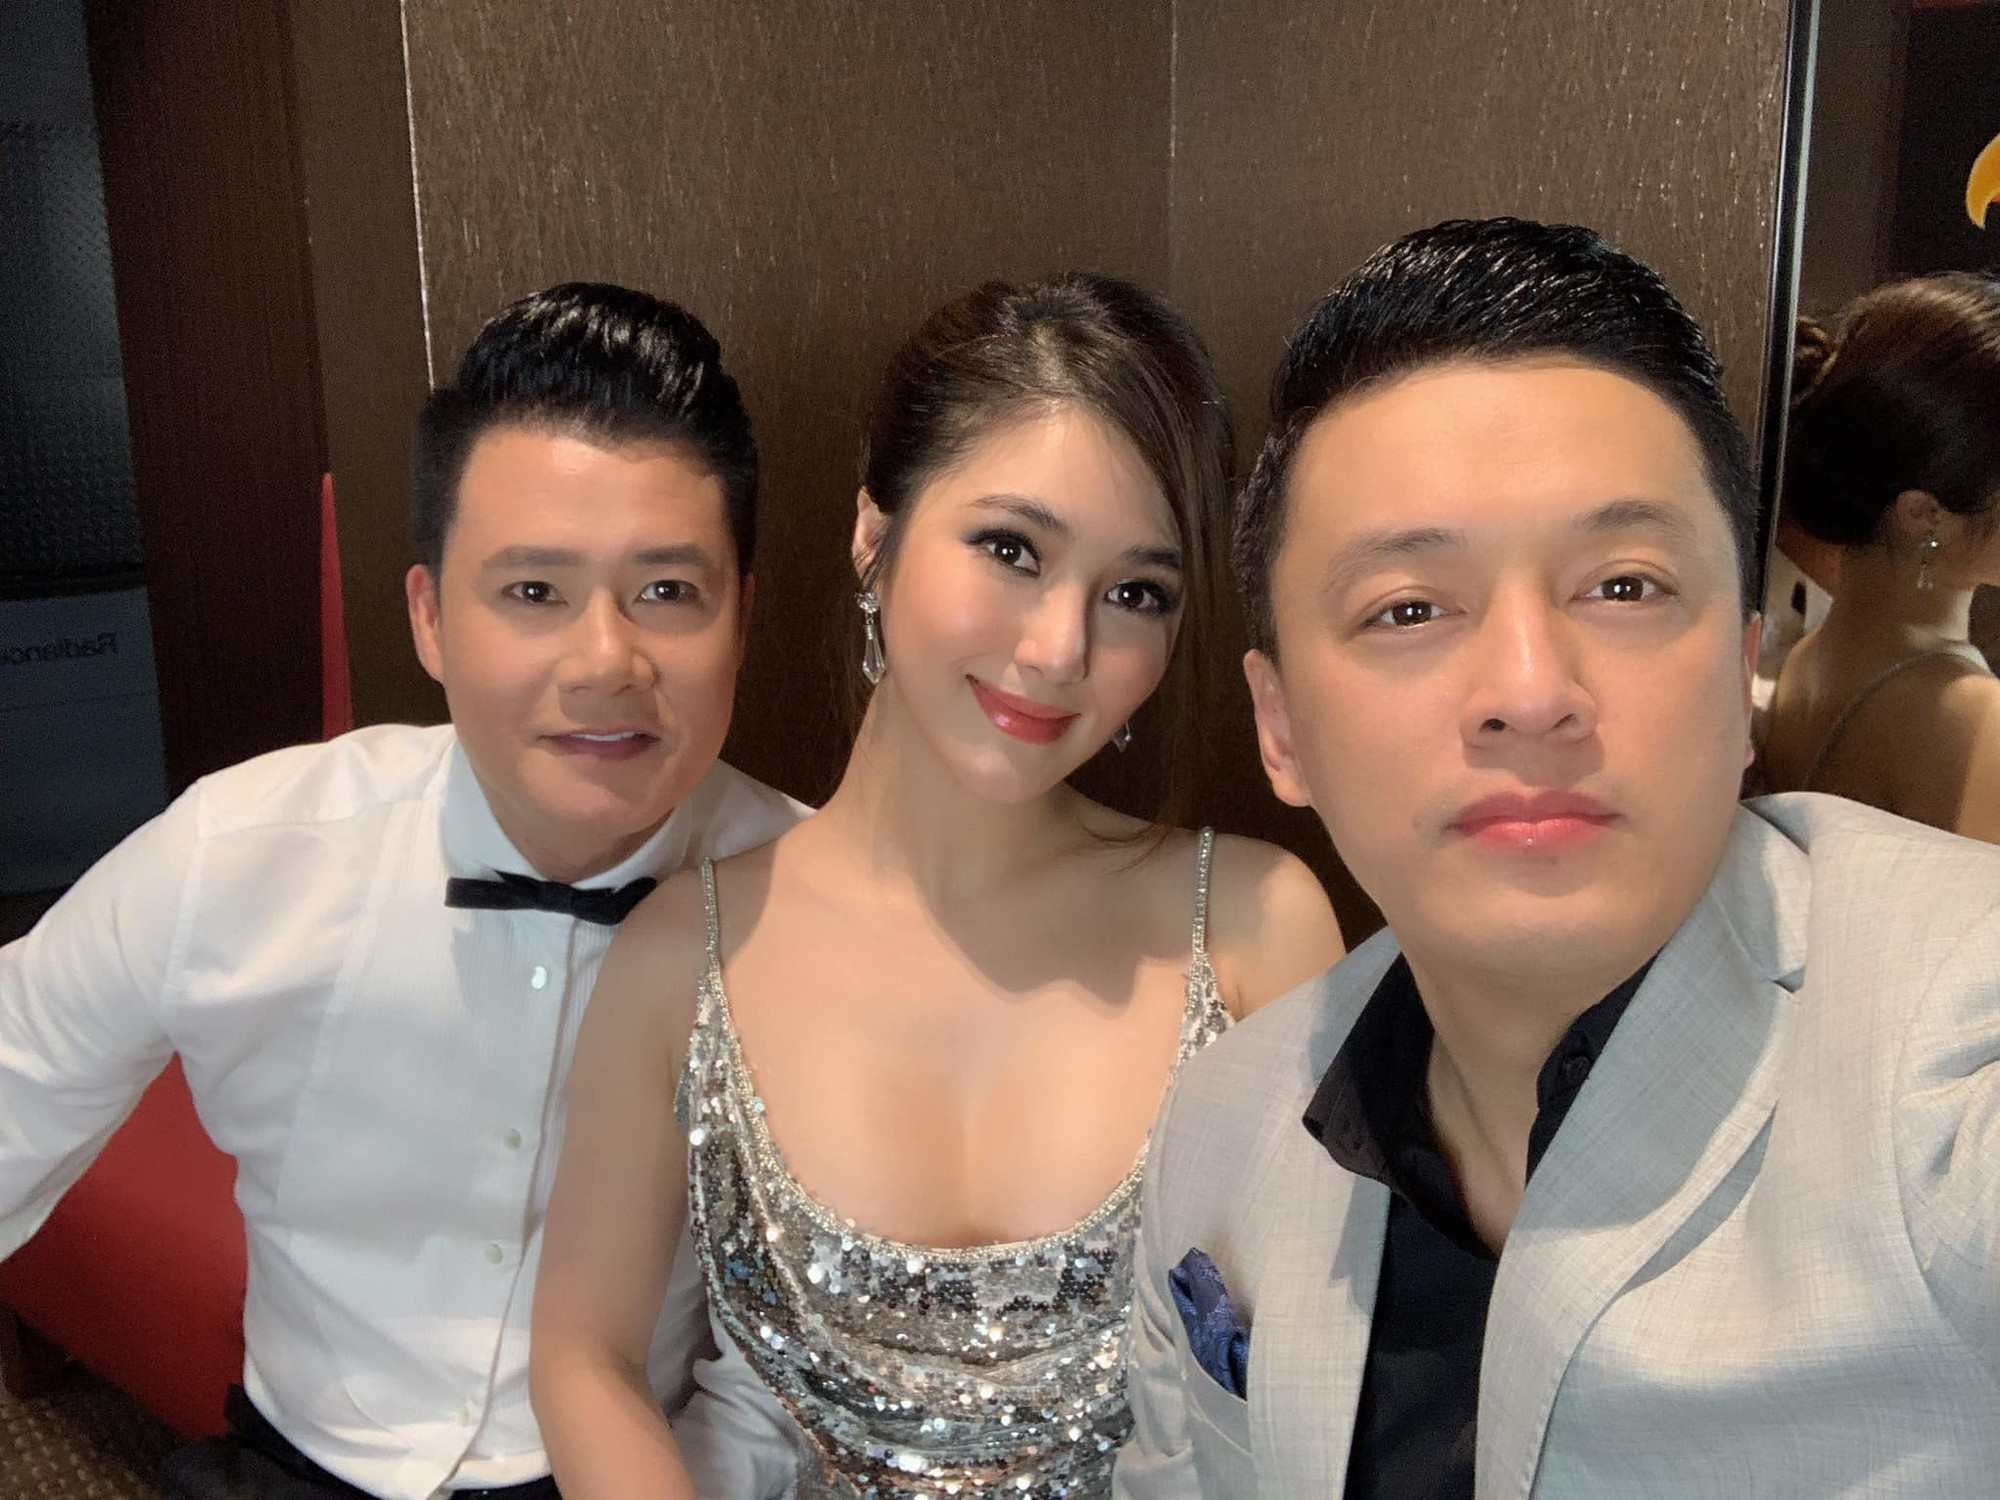 Hương Tràm nhận show hát ở Mỹ nhưng chiếc váy tuyệt đẹp cô mặc lại khiến người nhiều bất ngờ  - Ảnh 5.